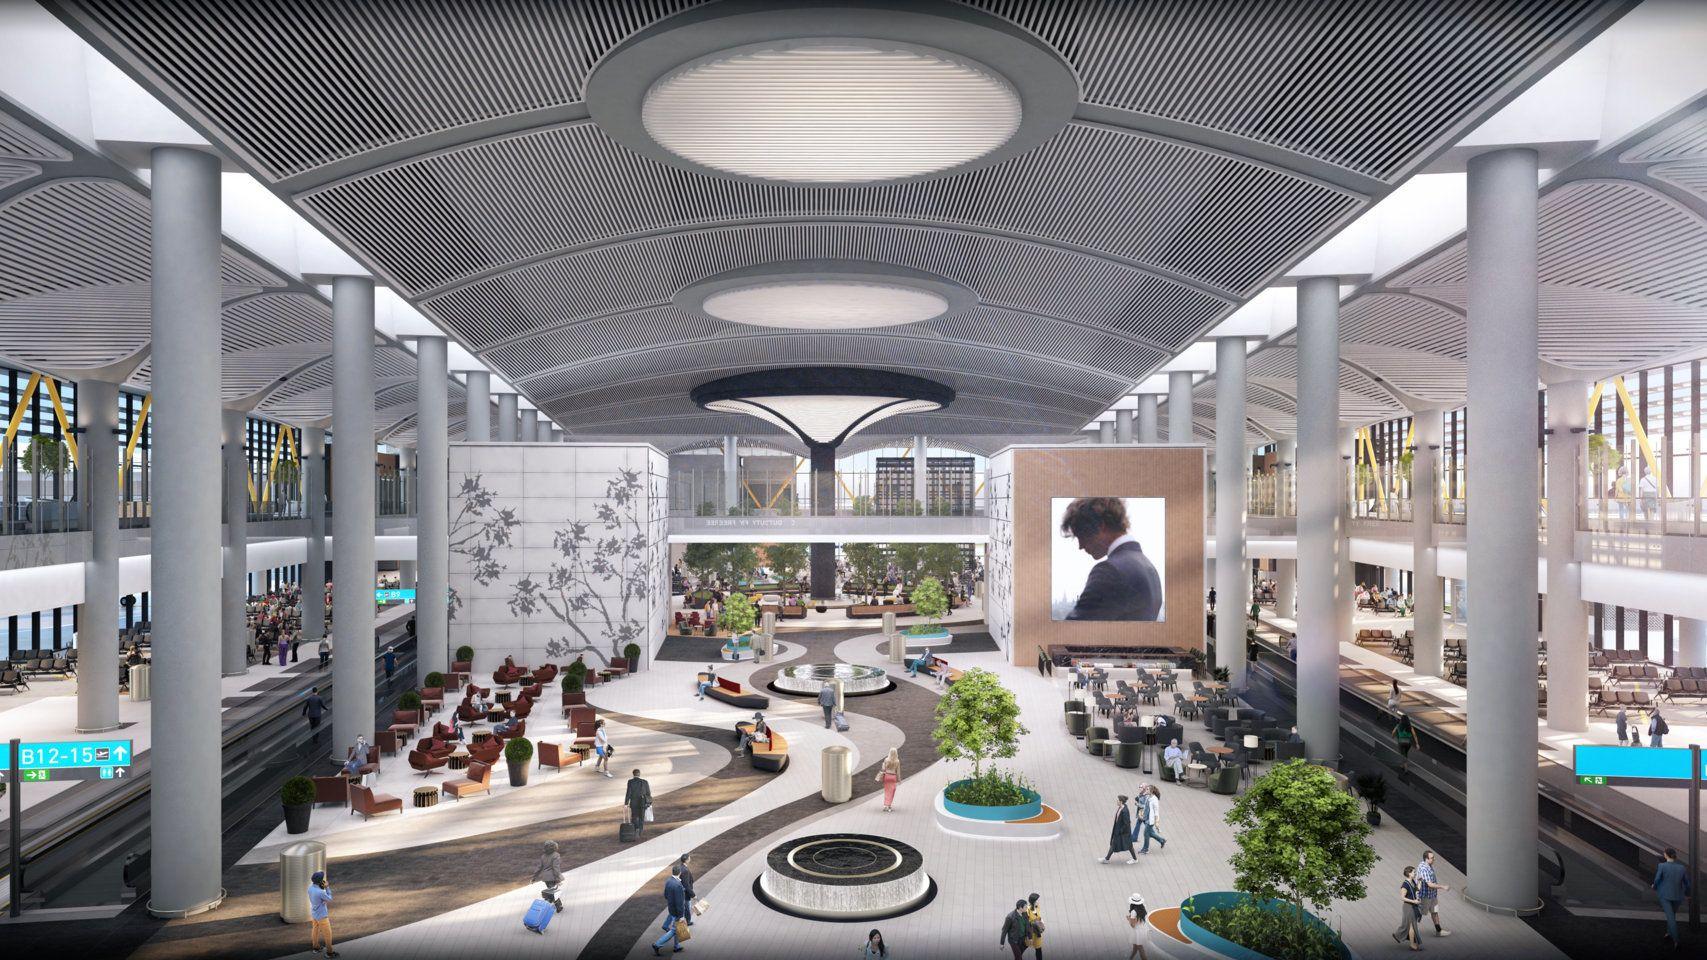 200 MILLIONER: Med en mulig kapasitet på 200 millioner reisende, kan flyplassen bli en av verdens travleste.